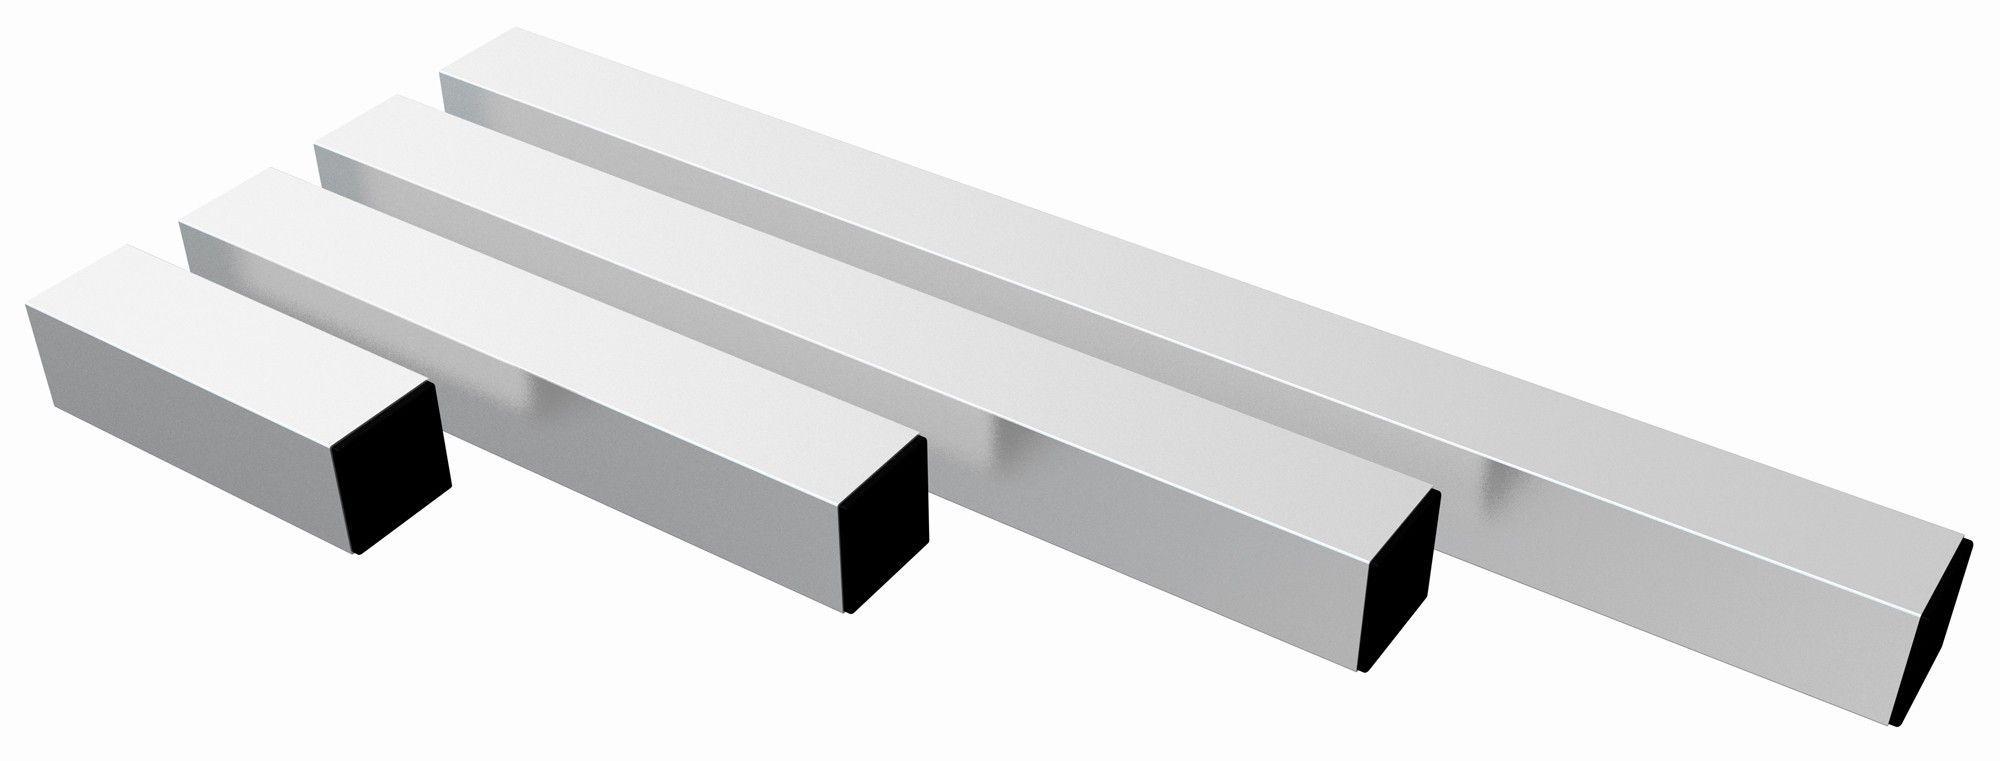 Afbeelding van Power Dynamics Aluminium poten vierkant 100cm (Set van 4 stuks)...